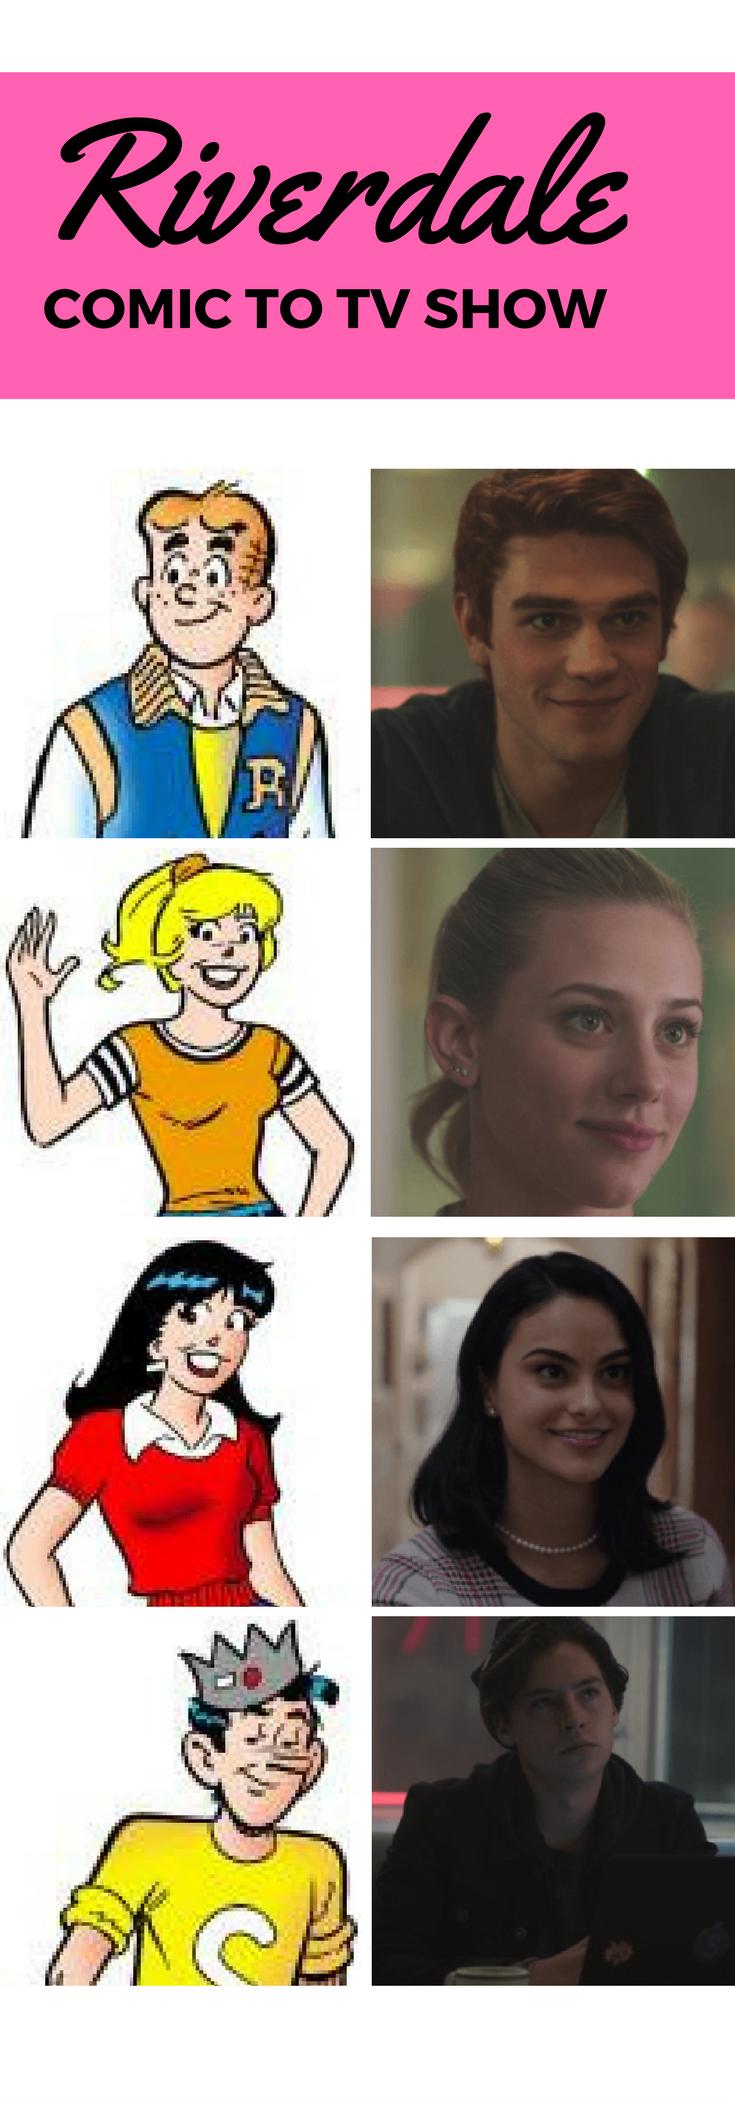 Riverdale Archie Comics Drama